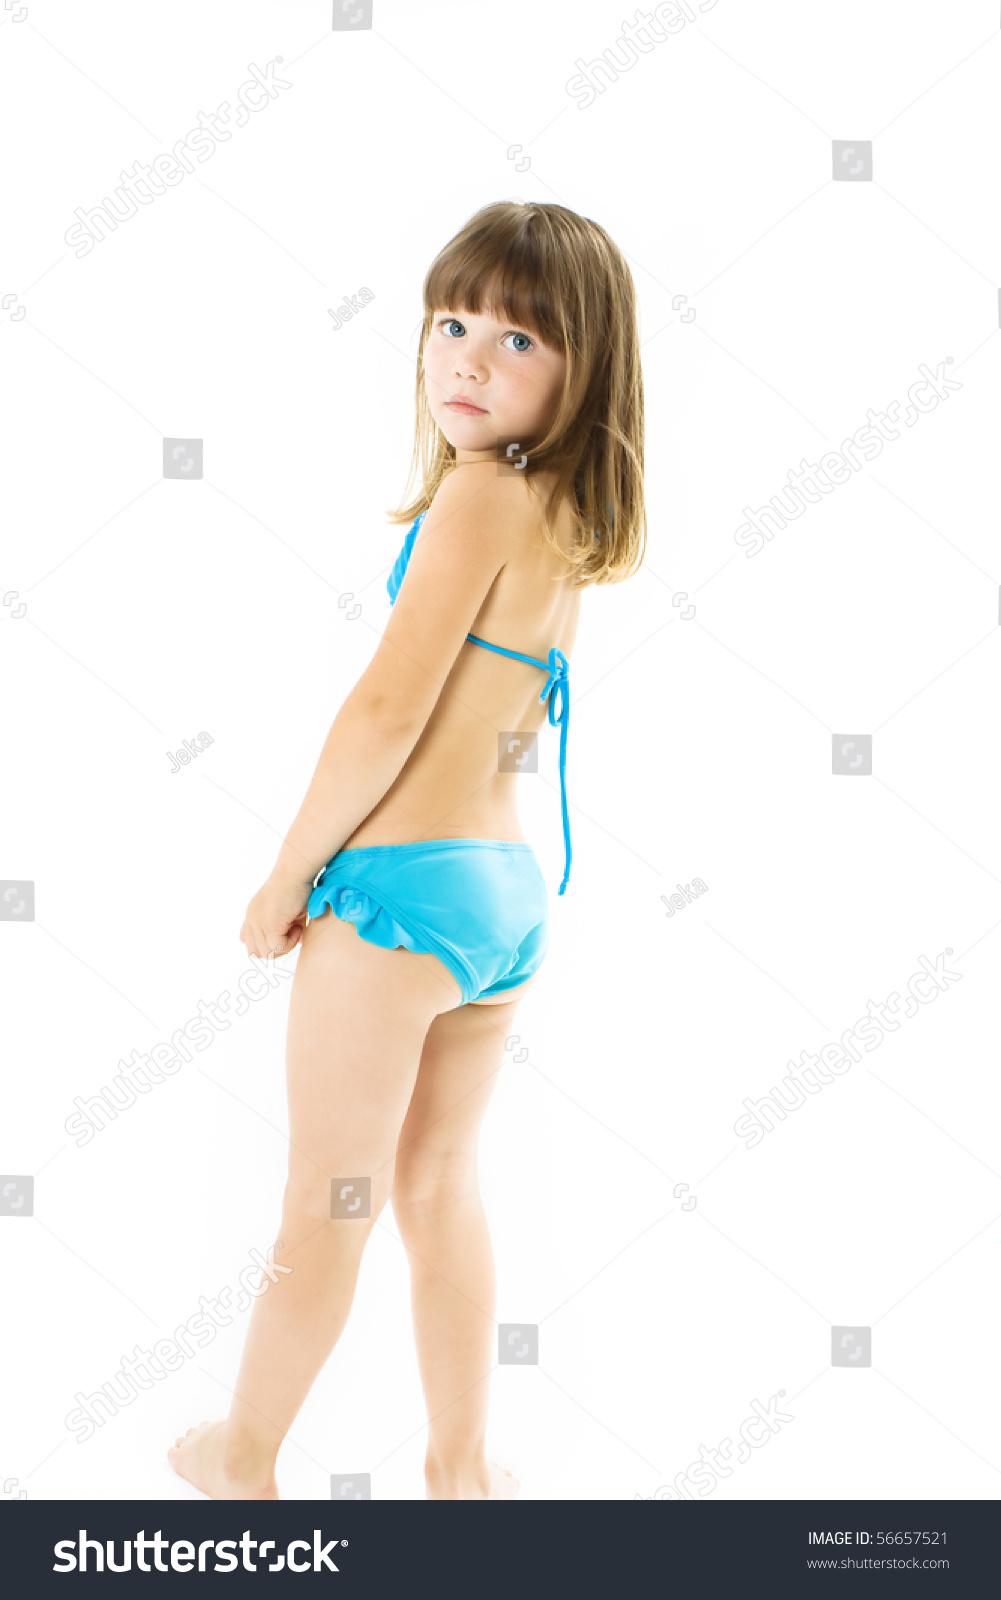 Little girl in bikini rear view Little girl in bathing suit posing. Studio shoot